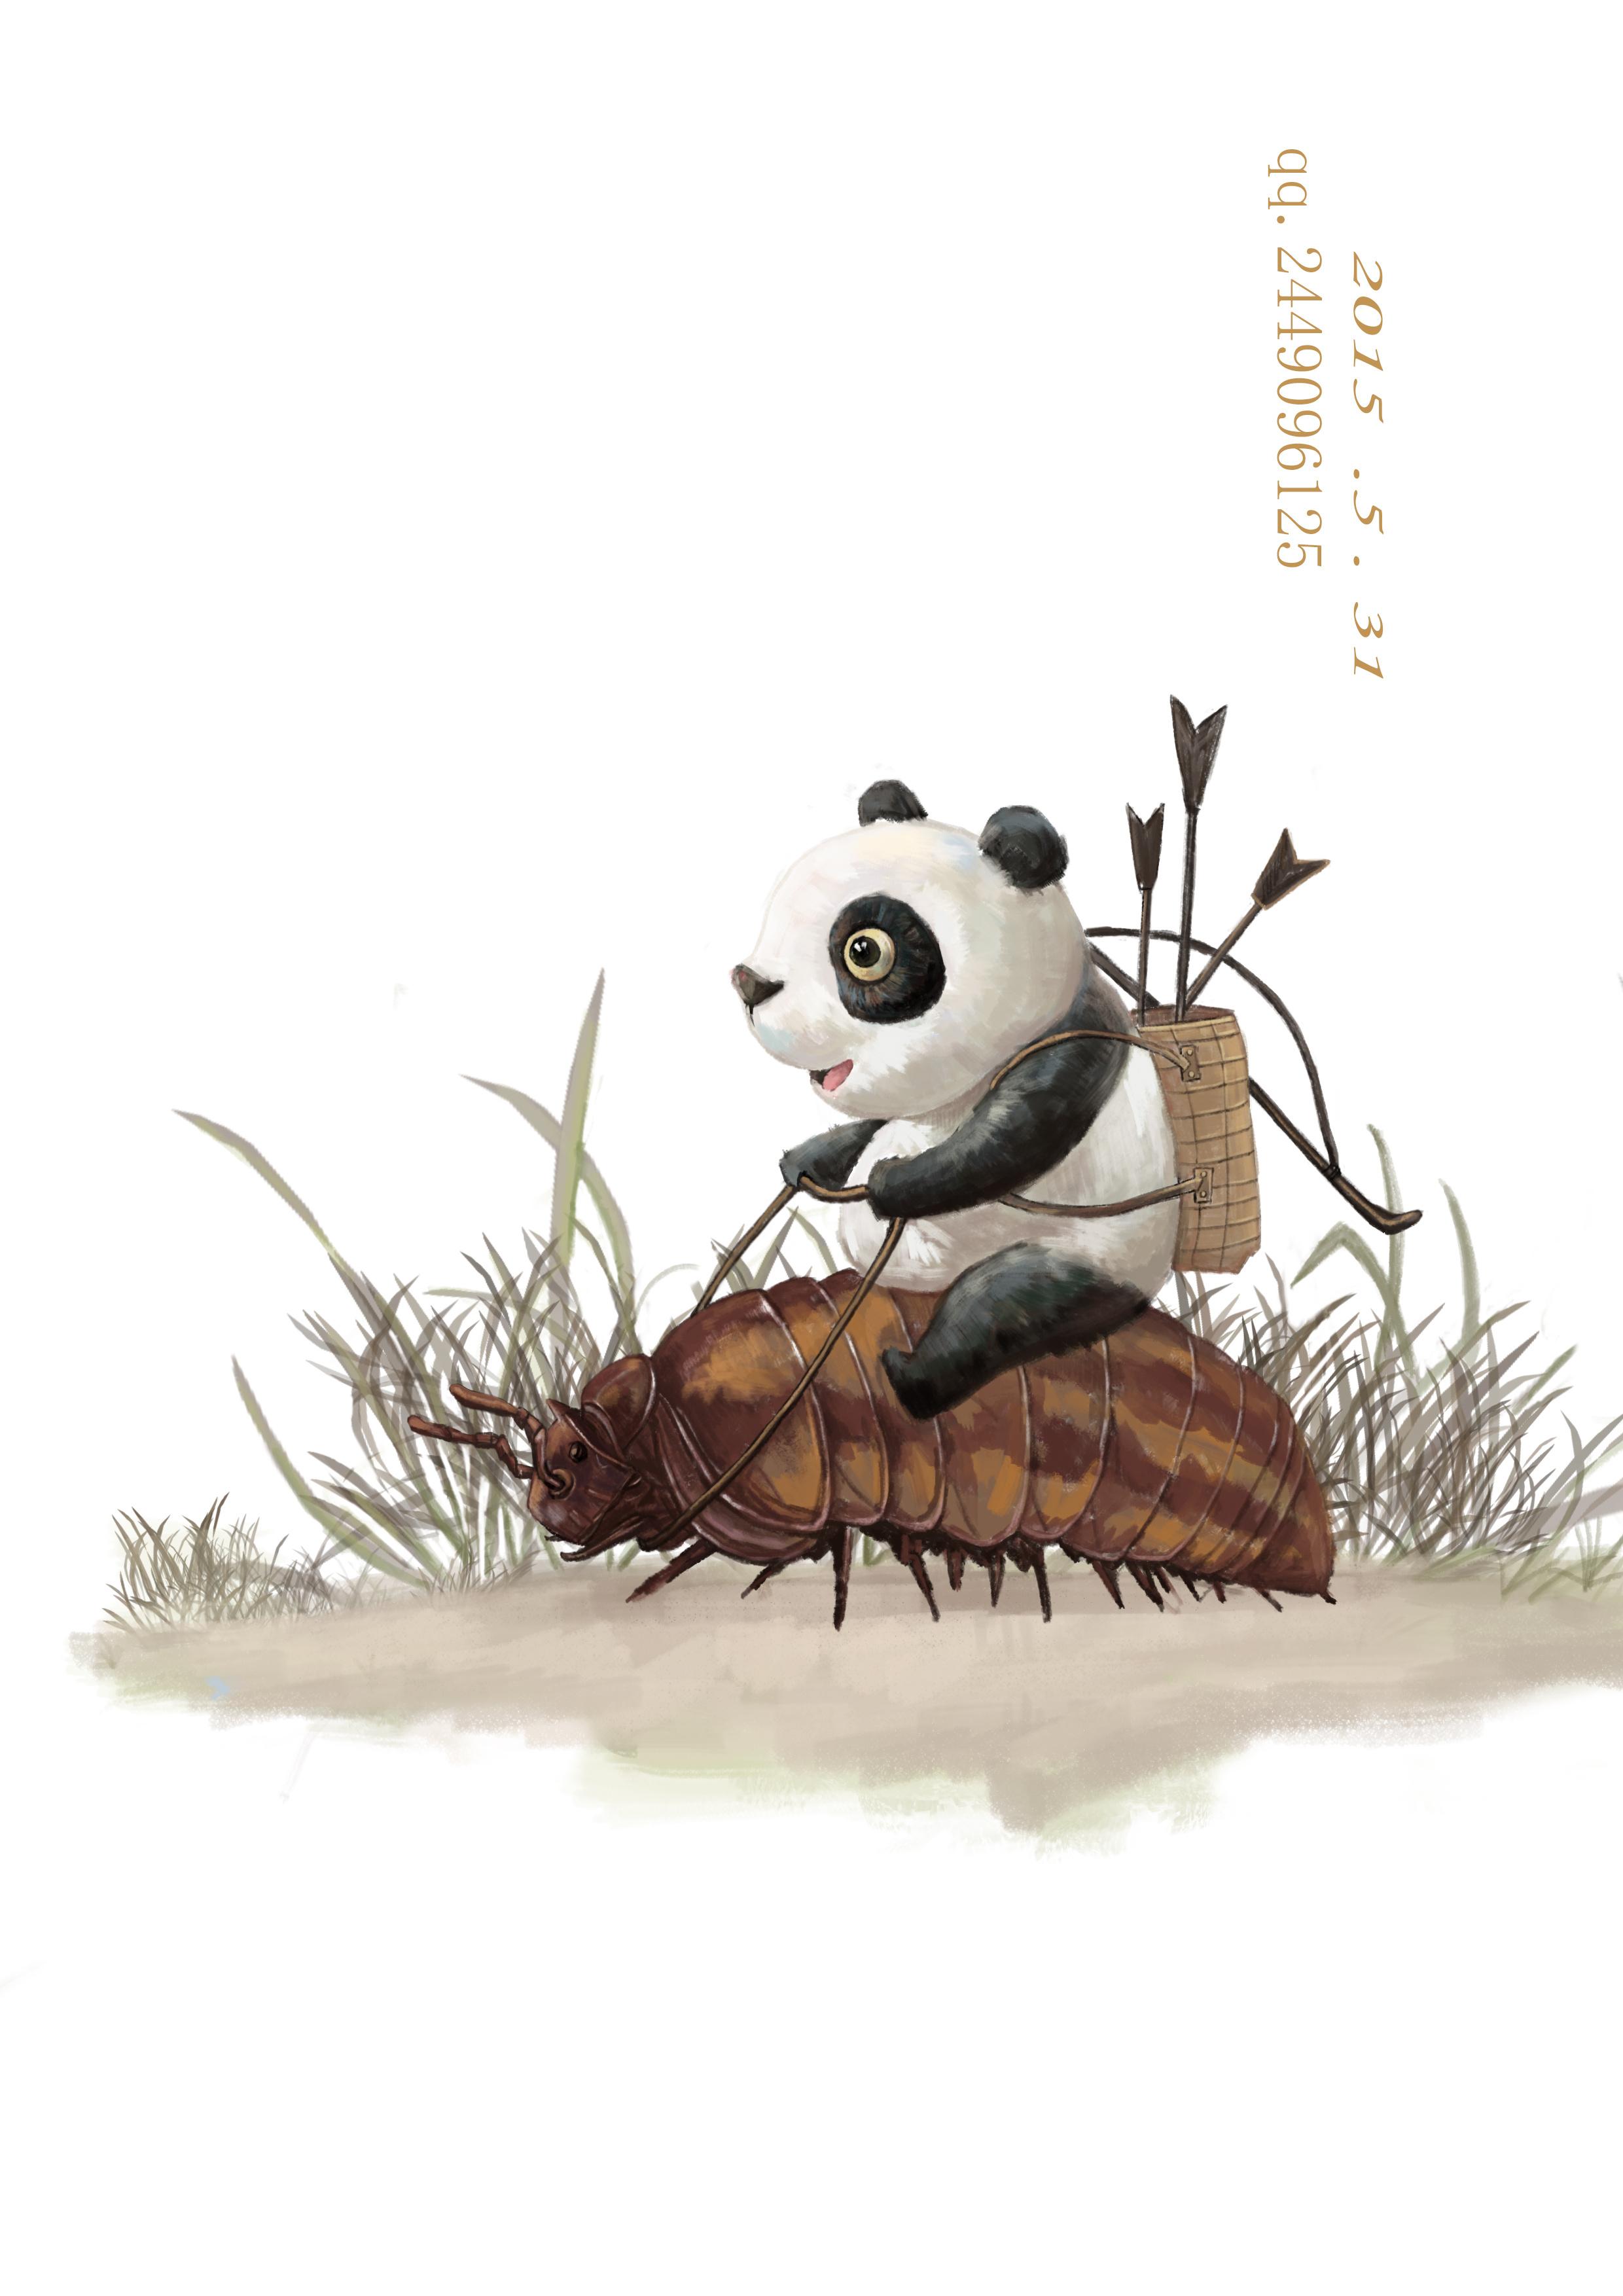 小熊猫坐骑|插画|商业插画|一布一画 - 原创作品图片